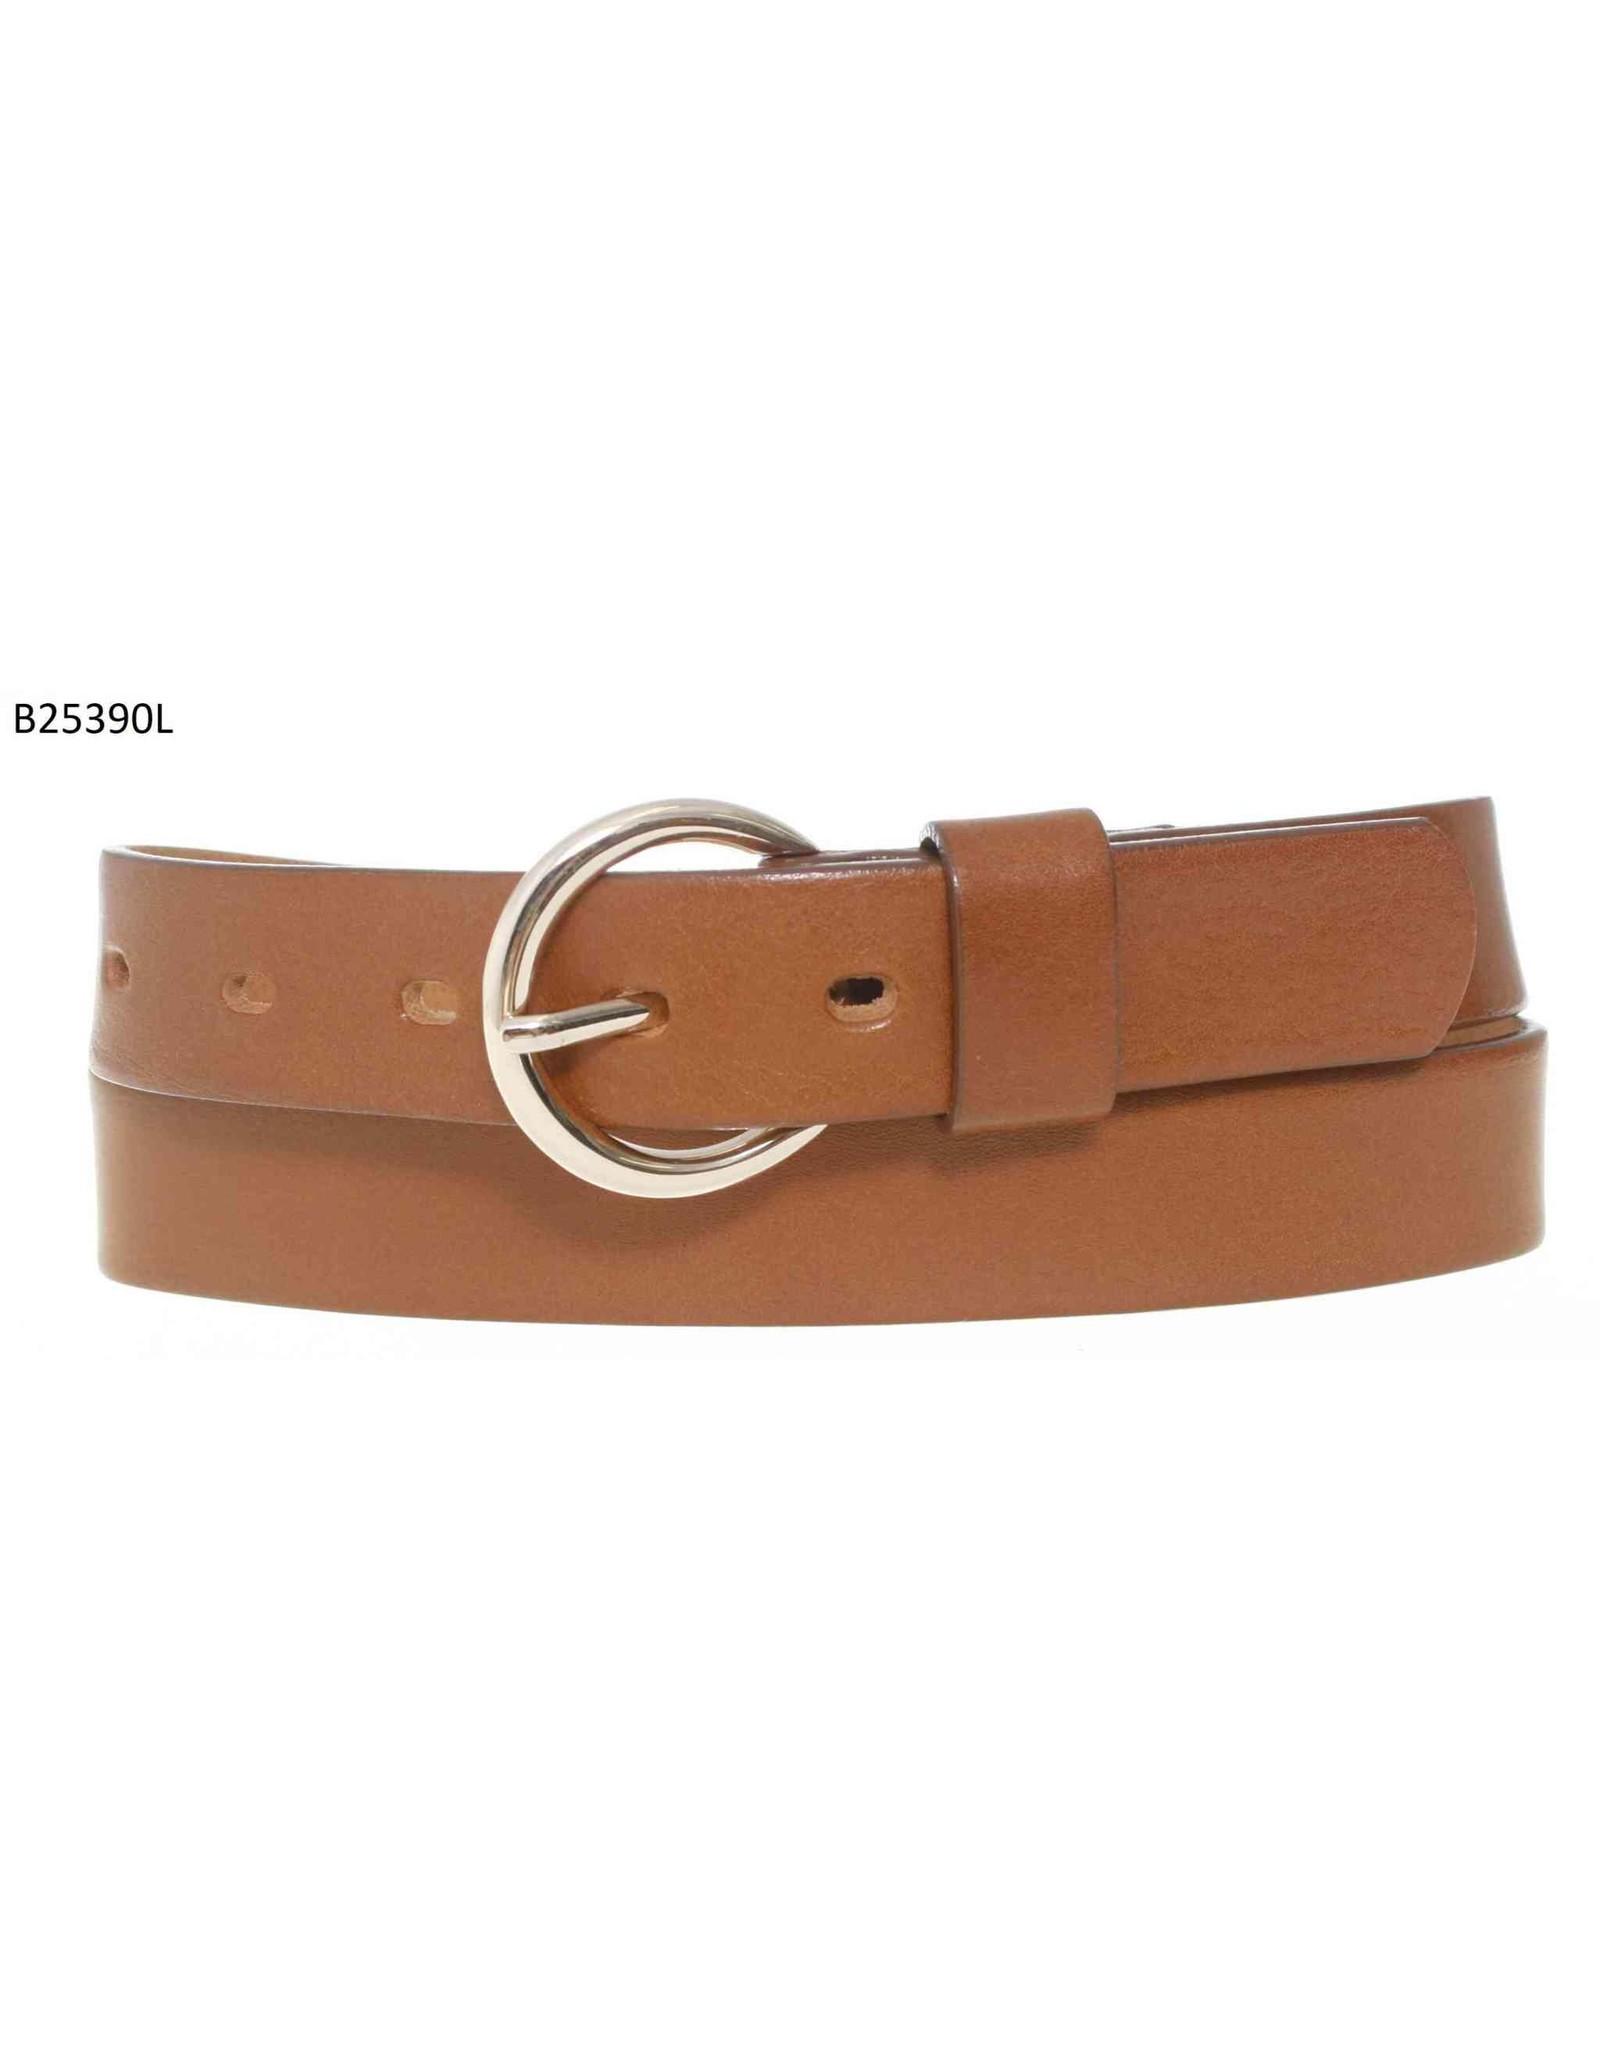 Medike Landes Medike Landes - Keenan camel leather belt